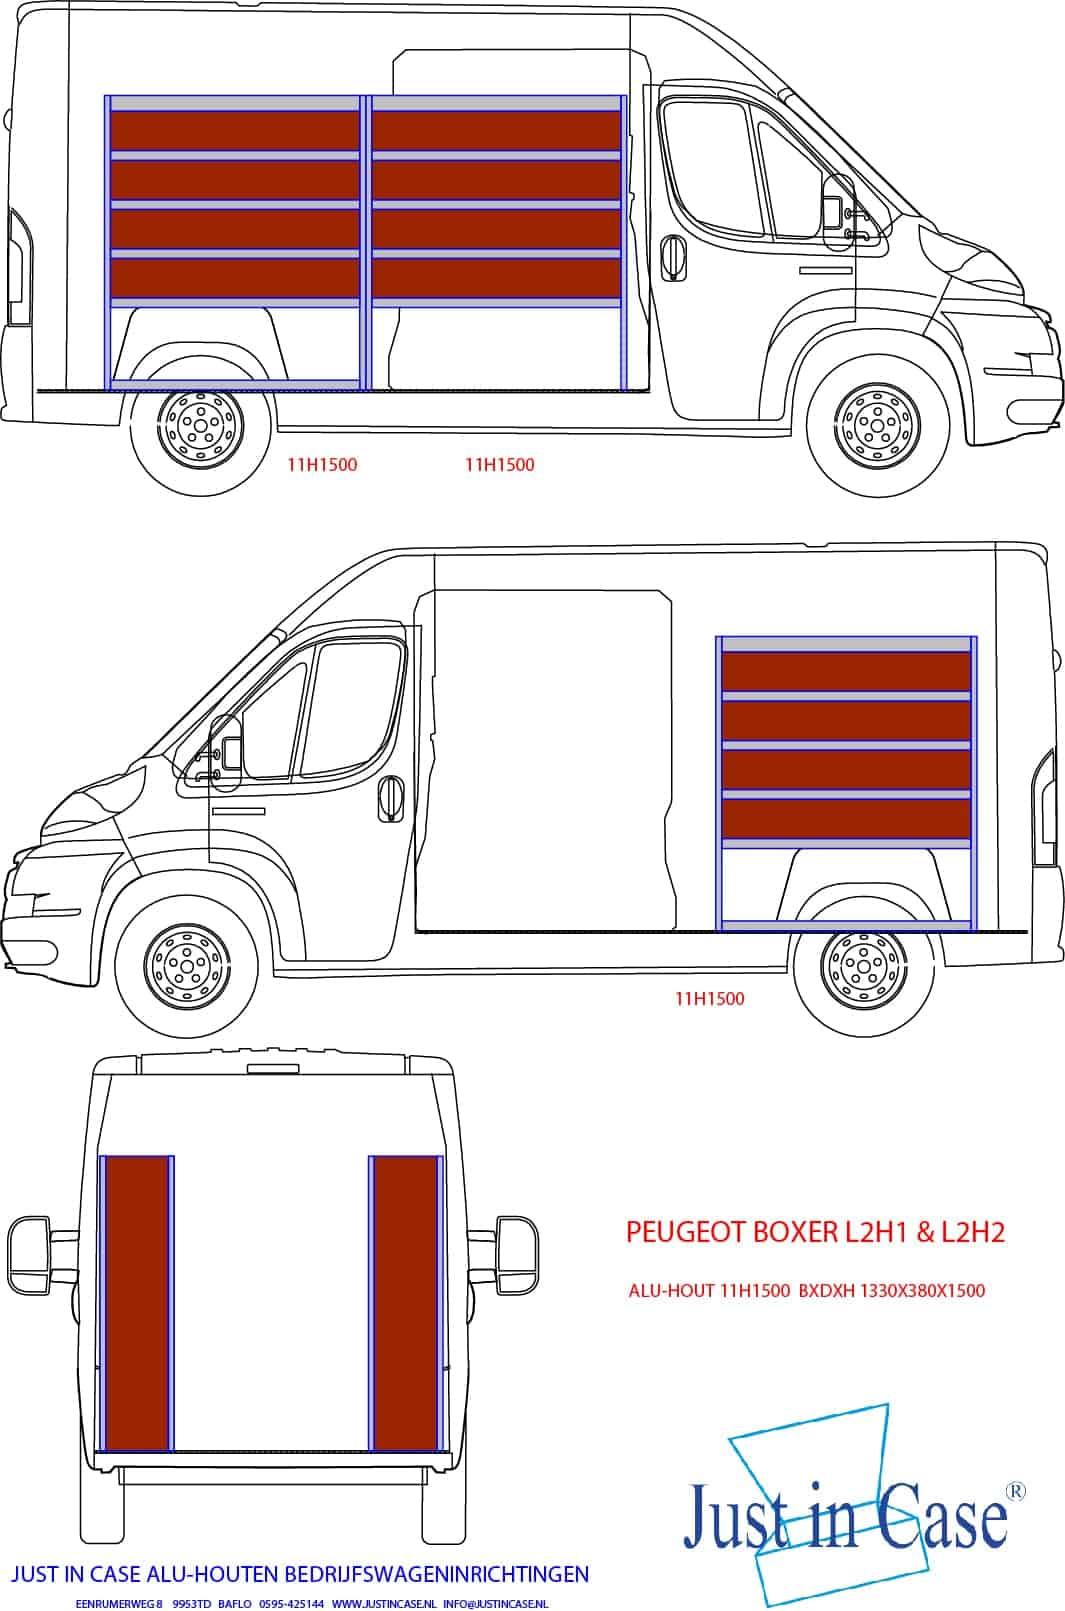 Peugeot Boxer bedrijfsbus inrichting tekening